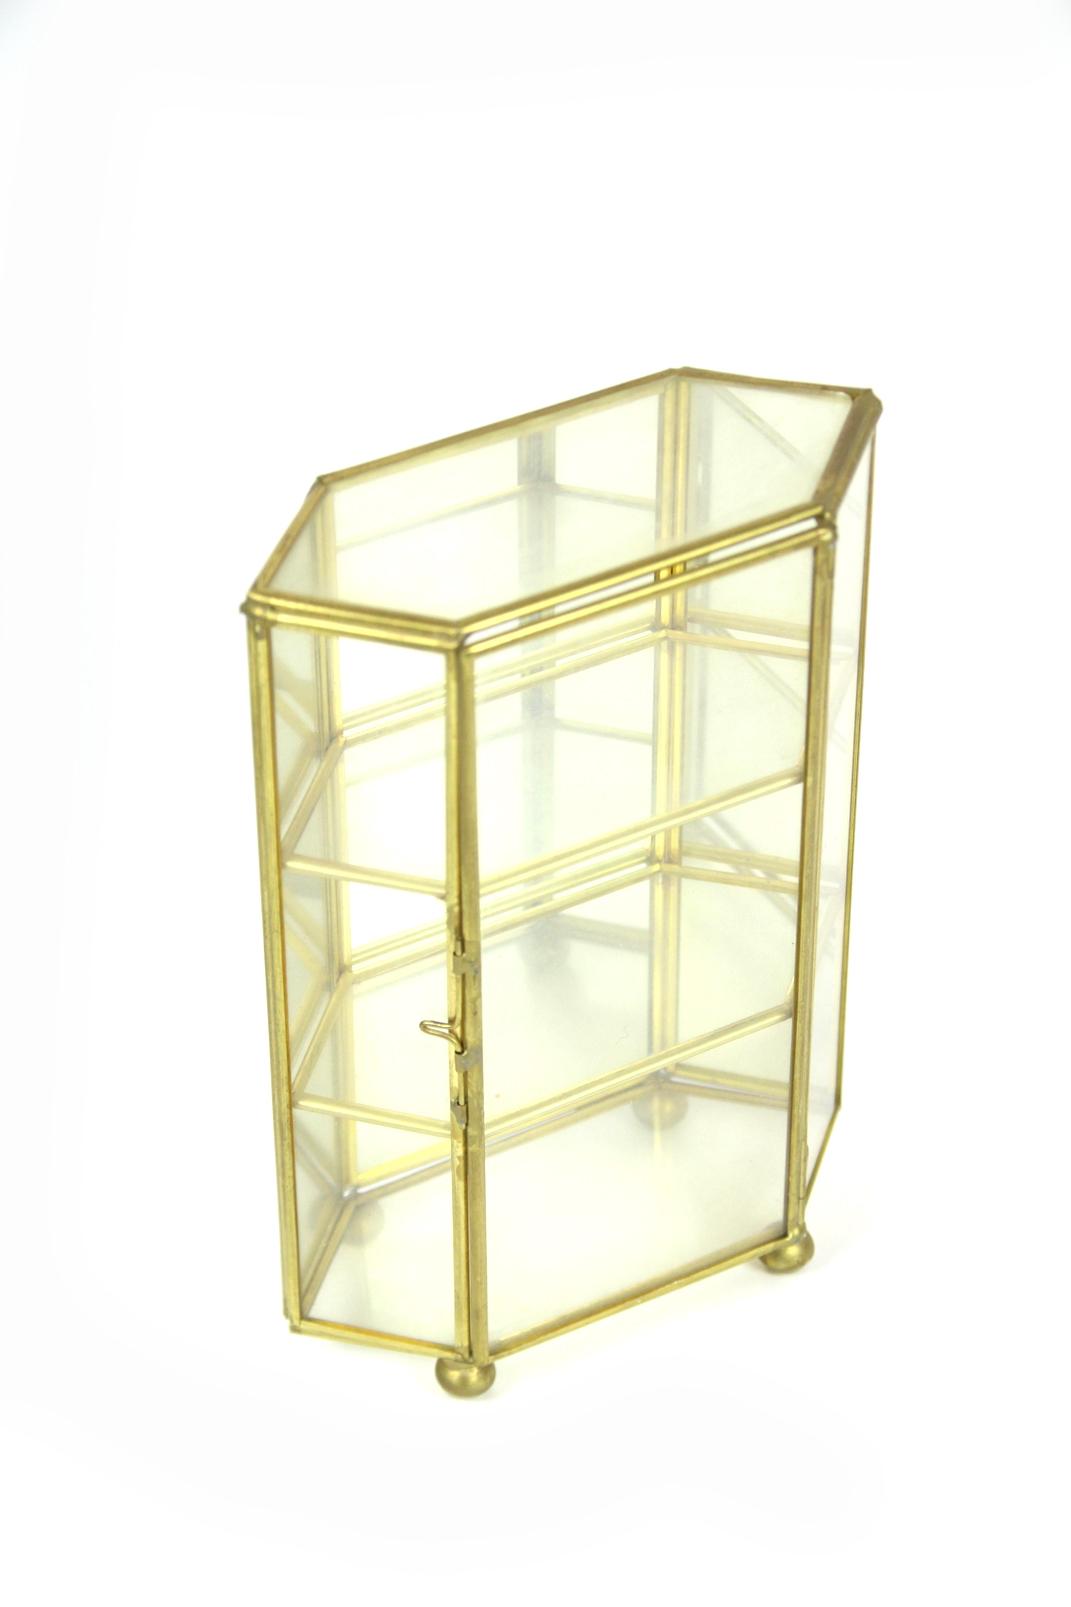 au ergew hnliche miniatur spiegel vitrine glasschrank. Black Bedroom Furniture Sets. Home Design Ideas